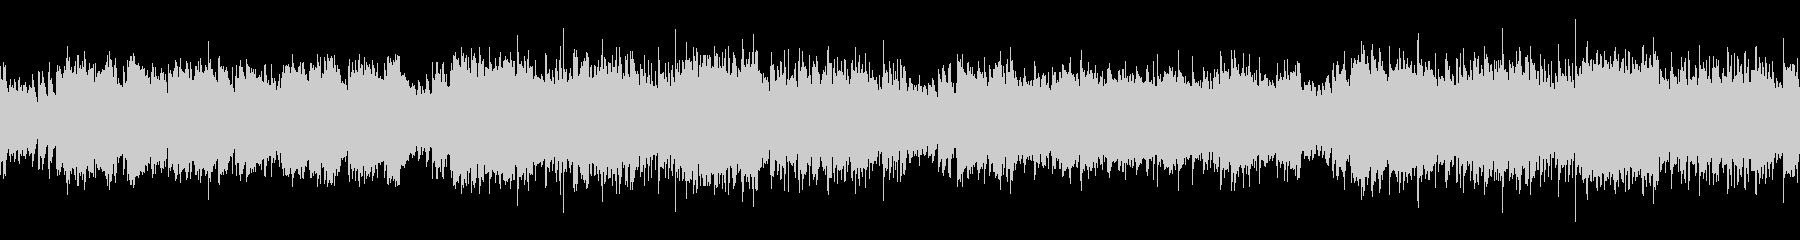 ループ・アニメ・かっこいいフラメンコの未再生の波形